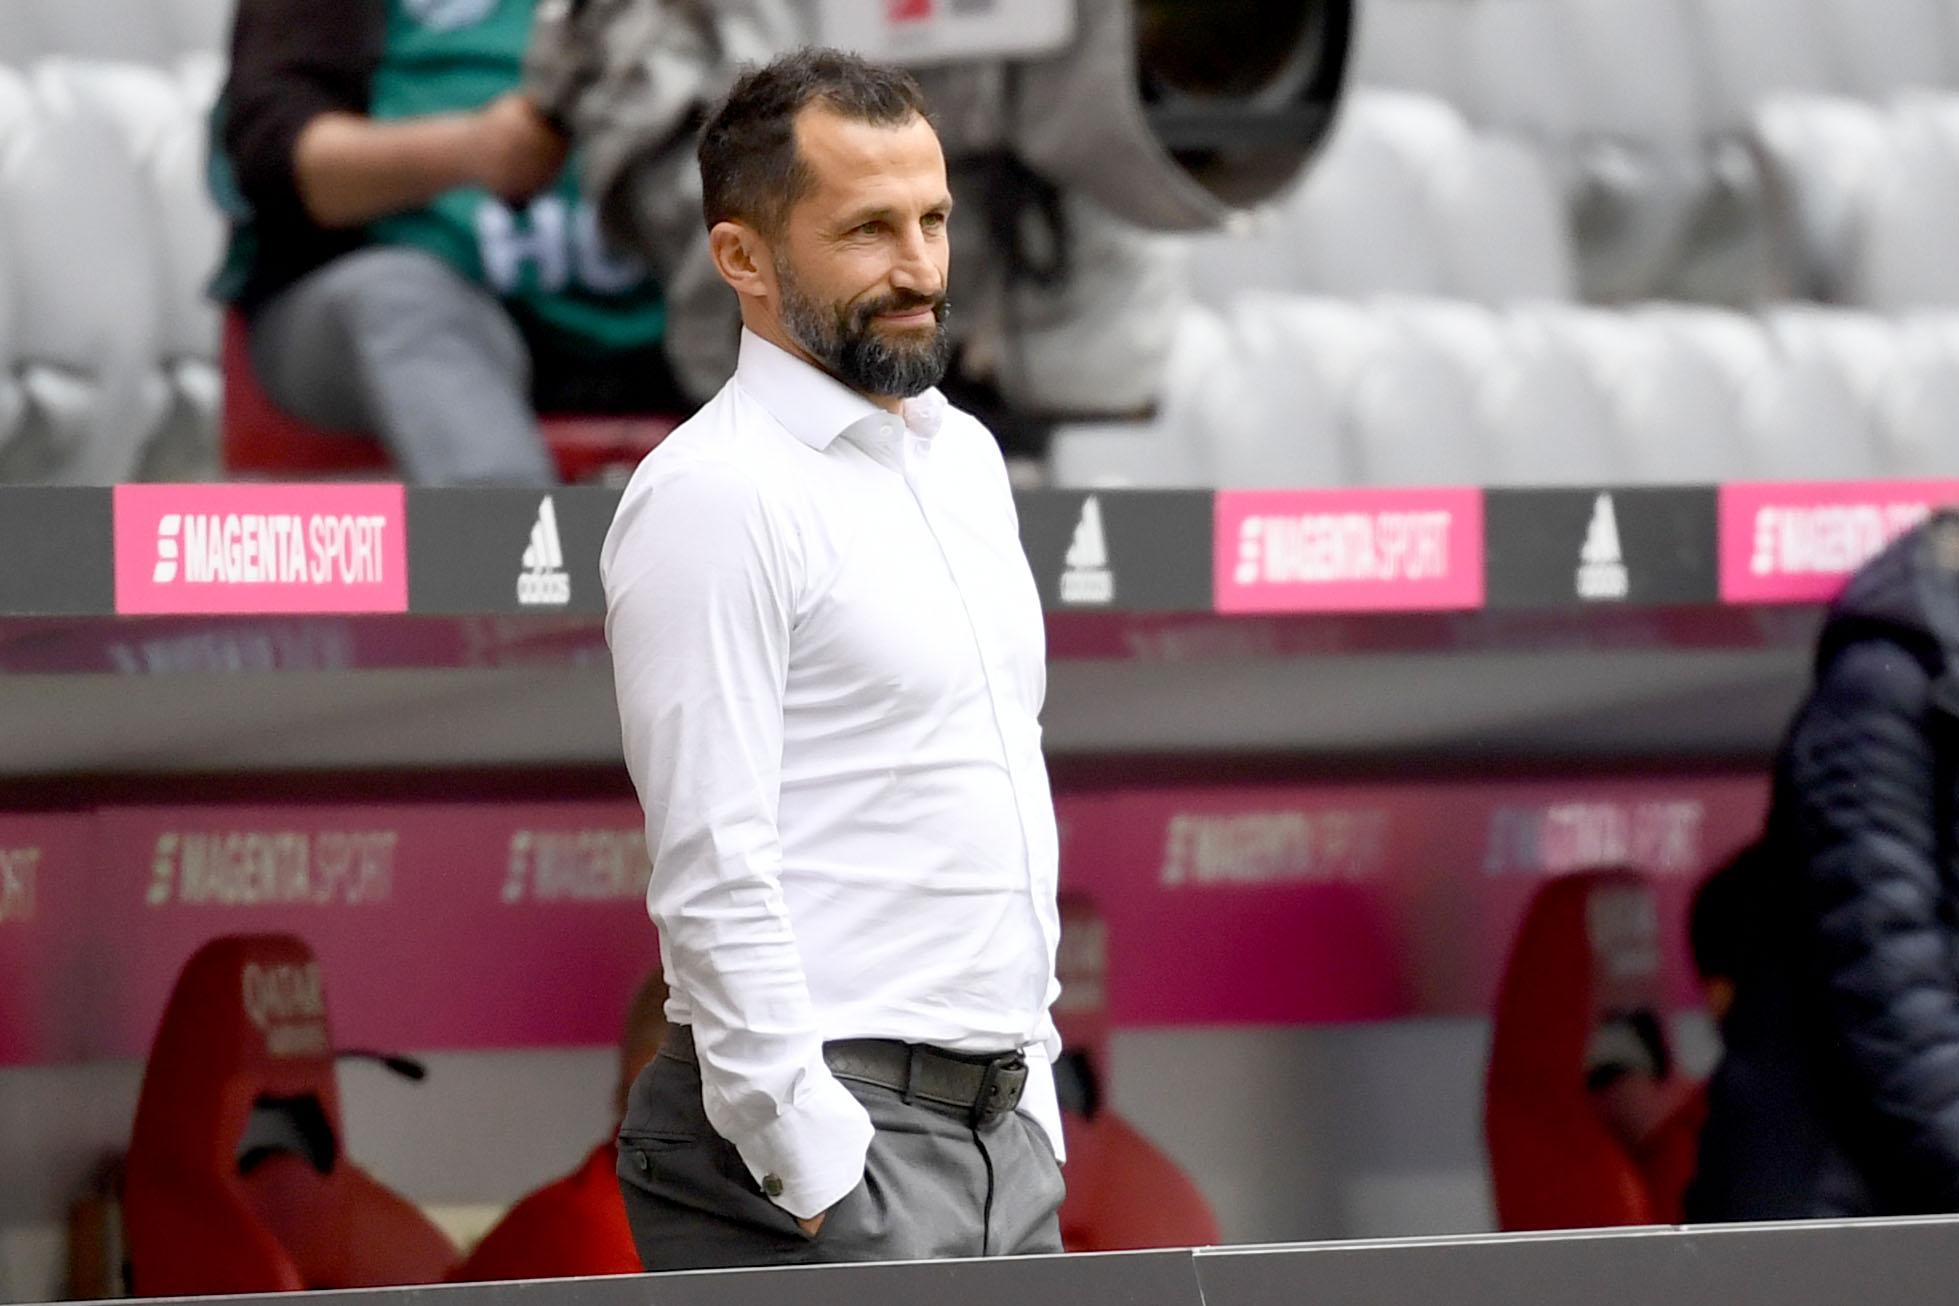 Hasan Salihamidzic sieht den FC Bayern auf einem guten Weg, noch weitere Titel in dieser Saison zu holen.